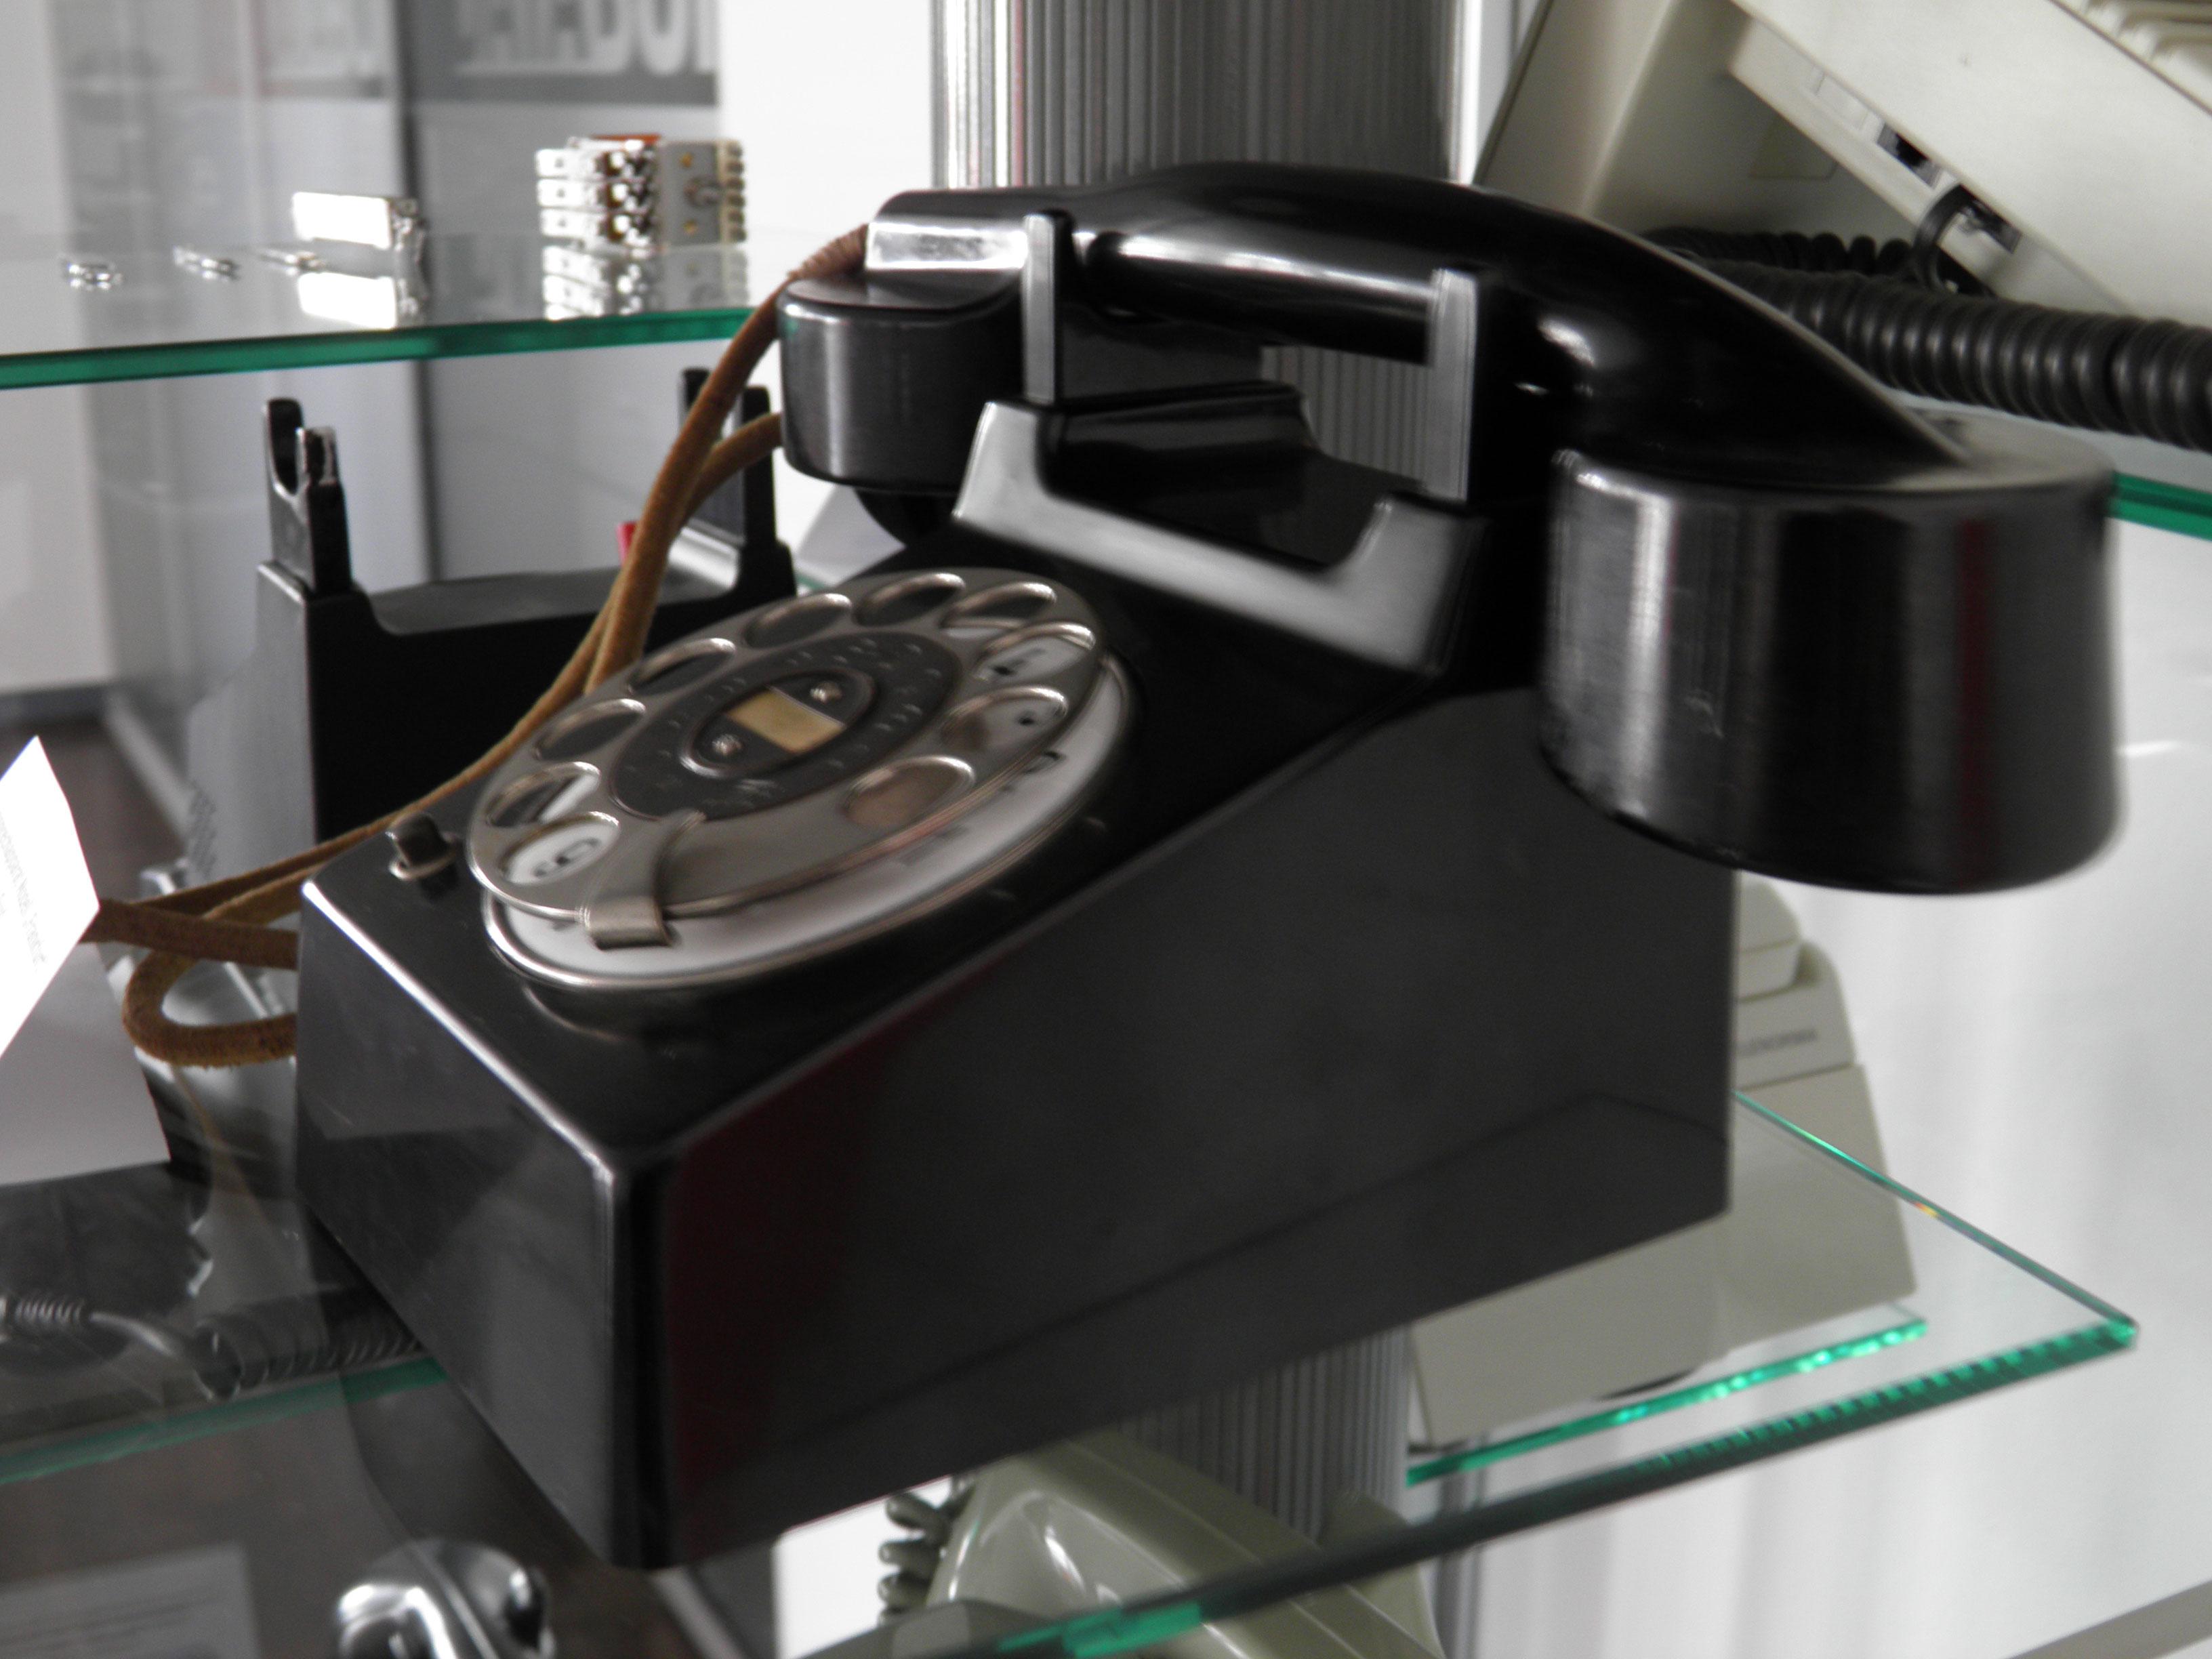 2011-DataBurg-Vitrine Fuld-Modell Frankfurt 1928